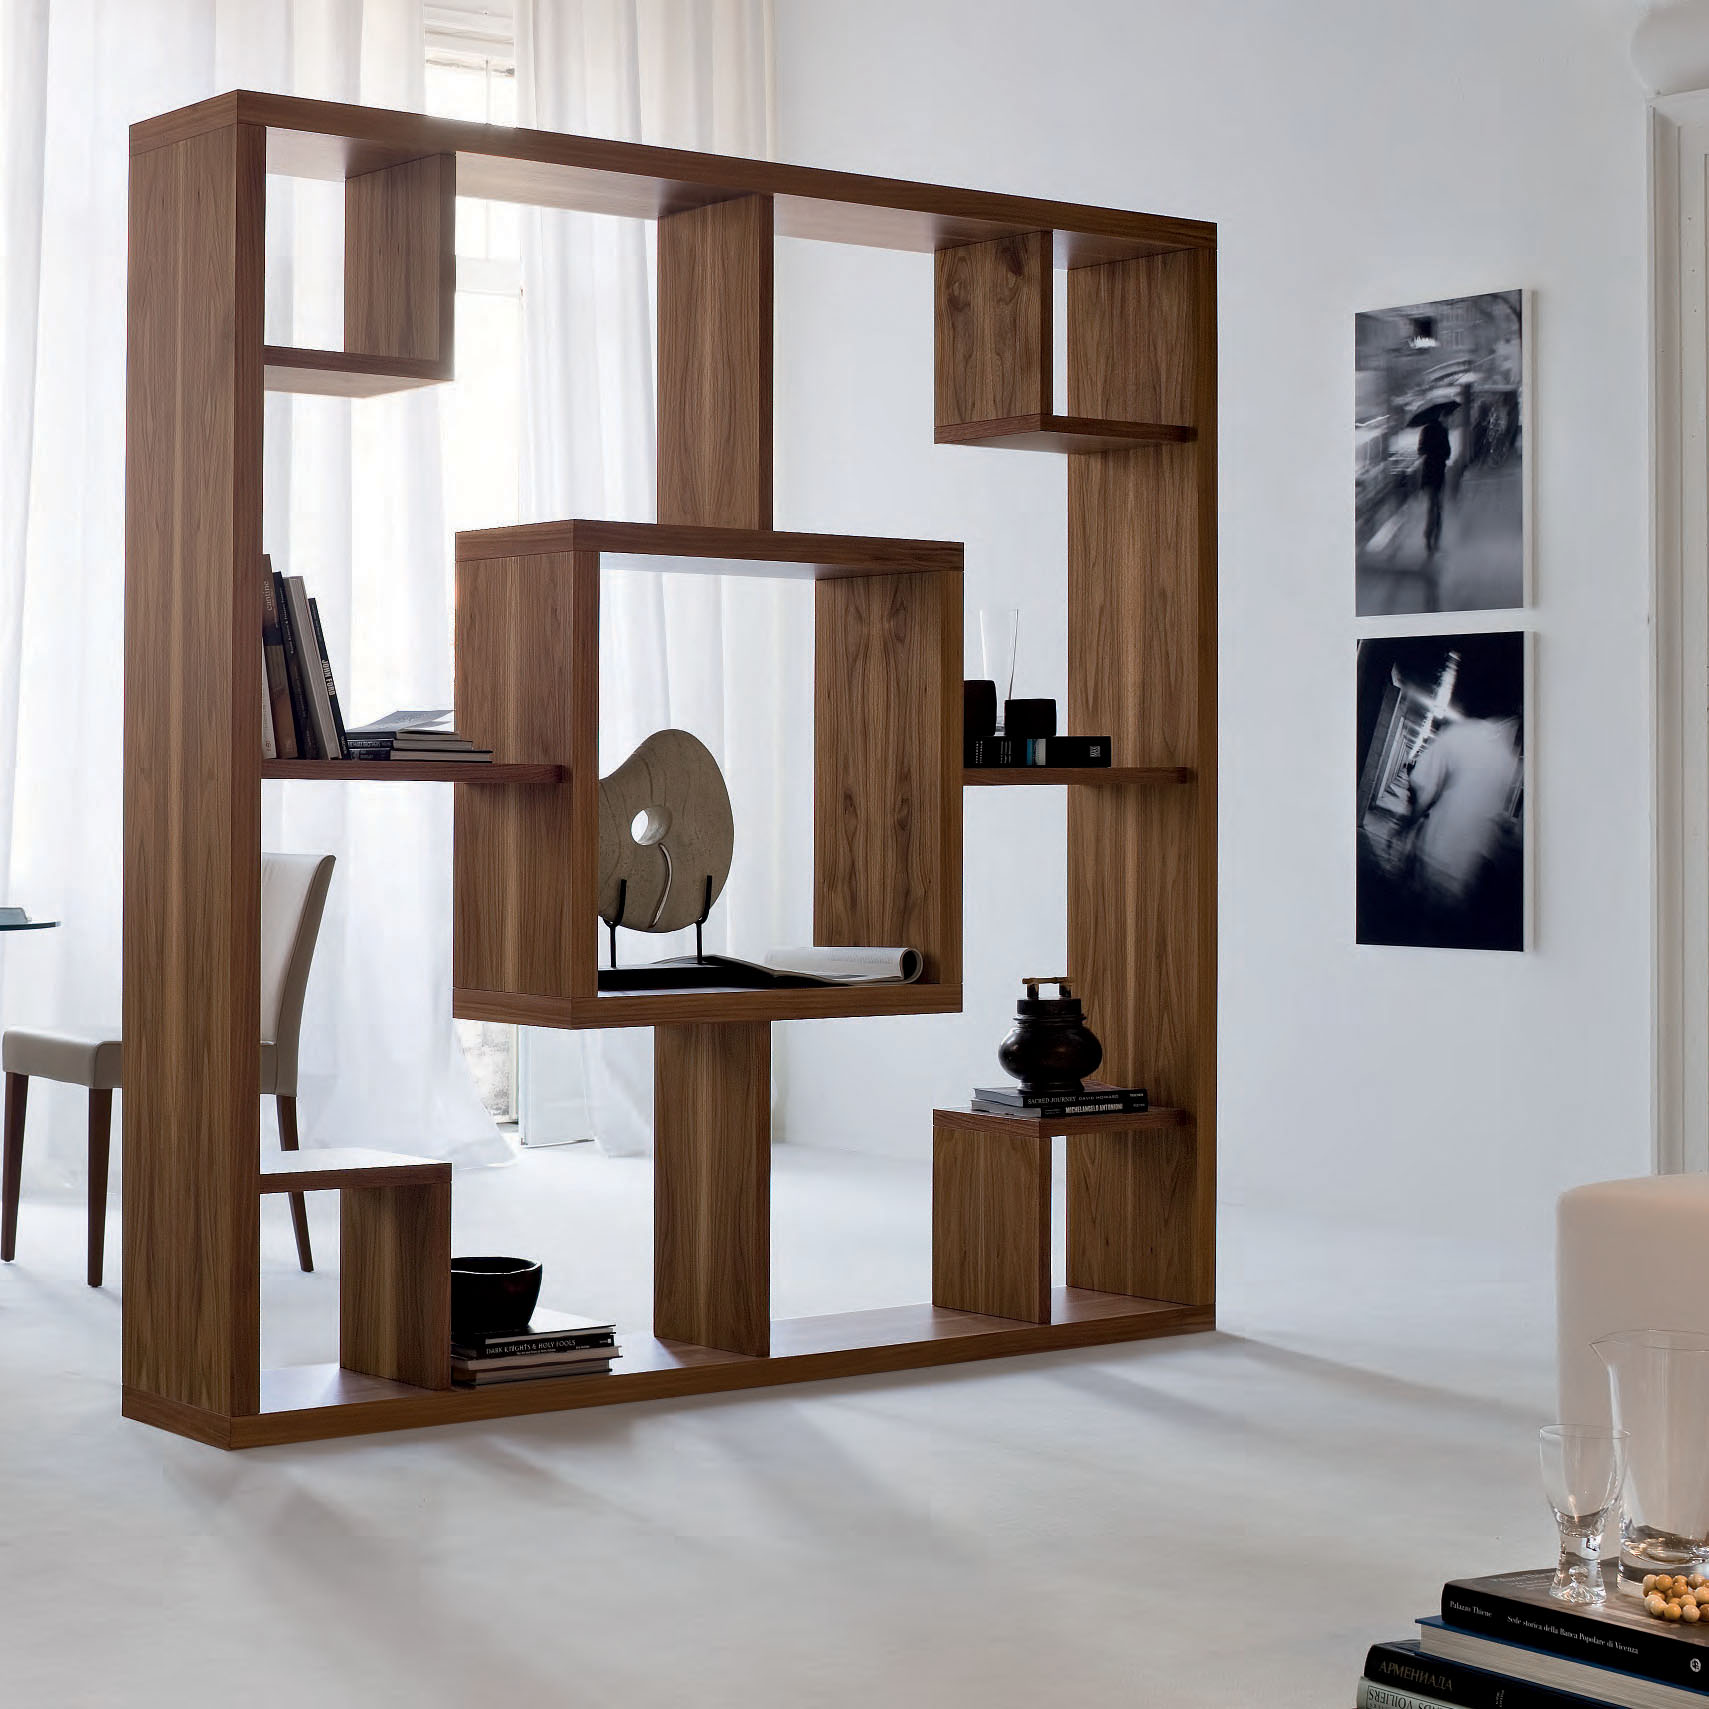 Separar un espacio en diferentes ambientes usando muebles - Muebles separadores de espacios ...